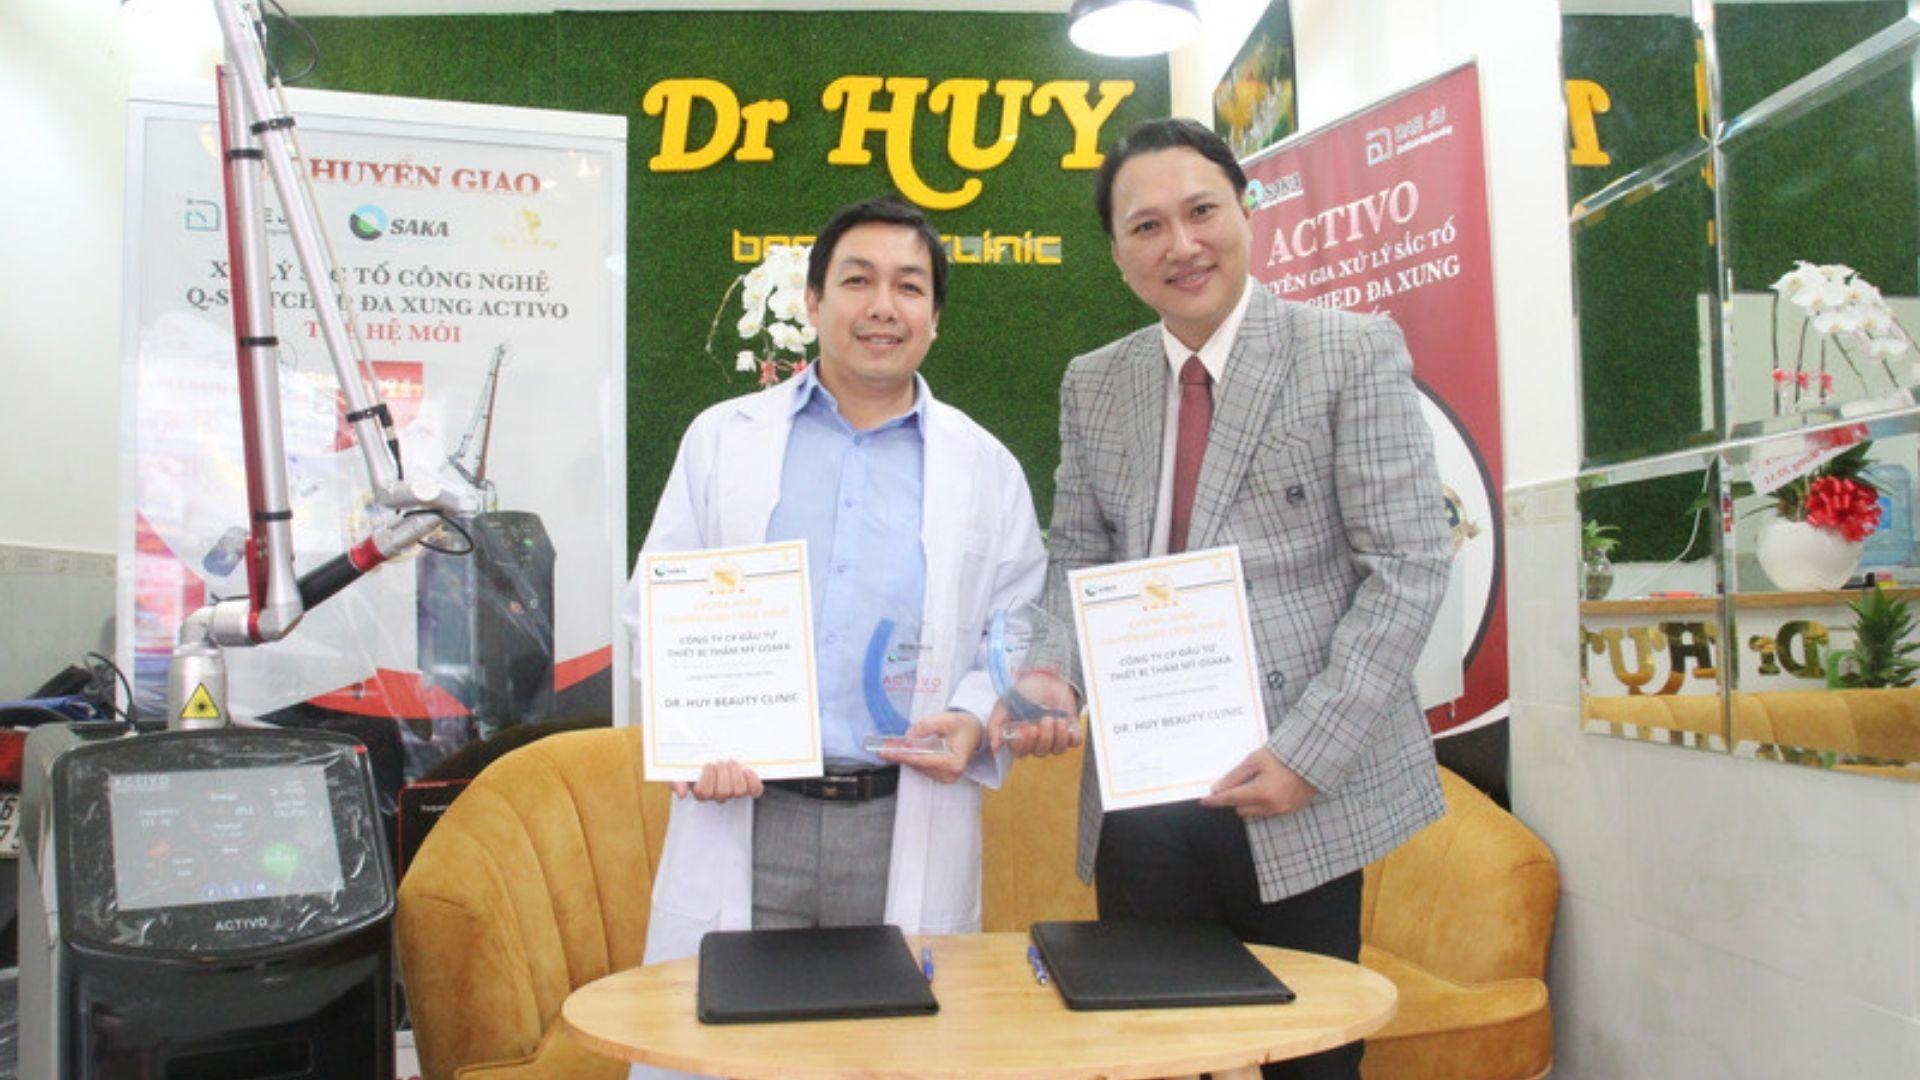 Công nghệ đa xung Activo chuyển giao đến phòng khám Dr. Huy Clinic